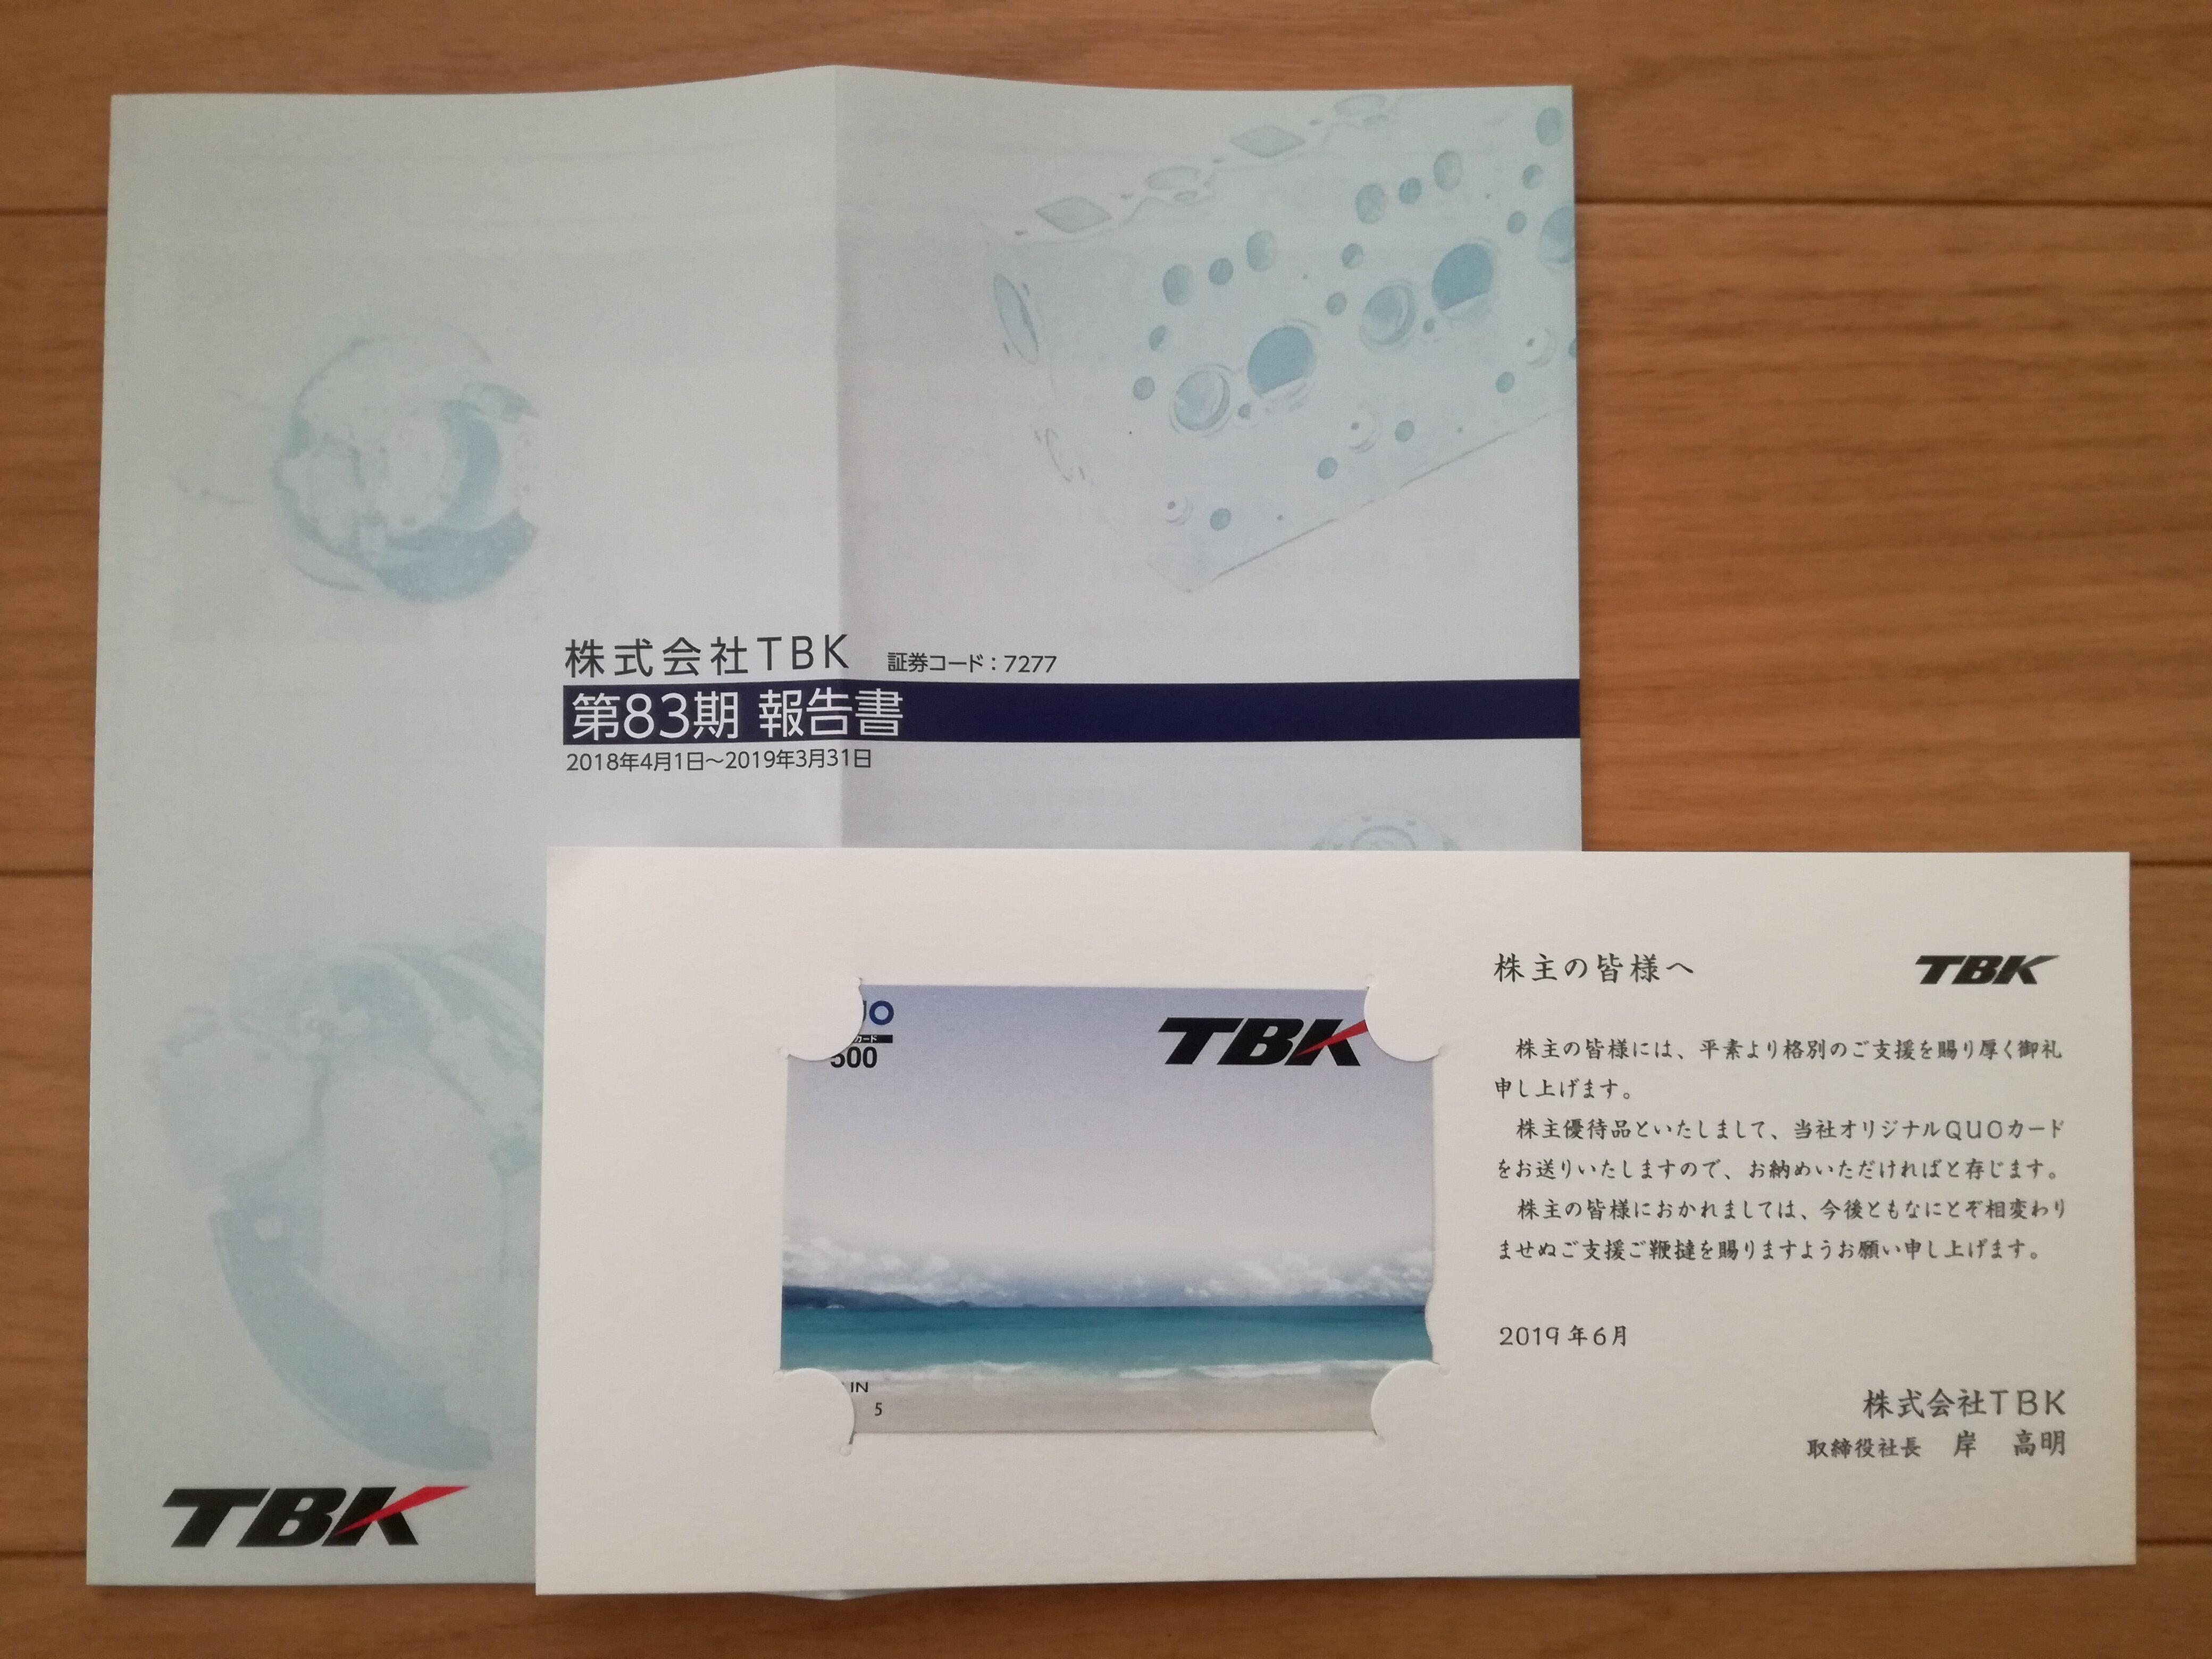 TBK(7277)から株主優待クオカード500円分が到着!1年以上継続保有中です